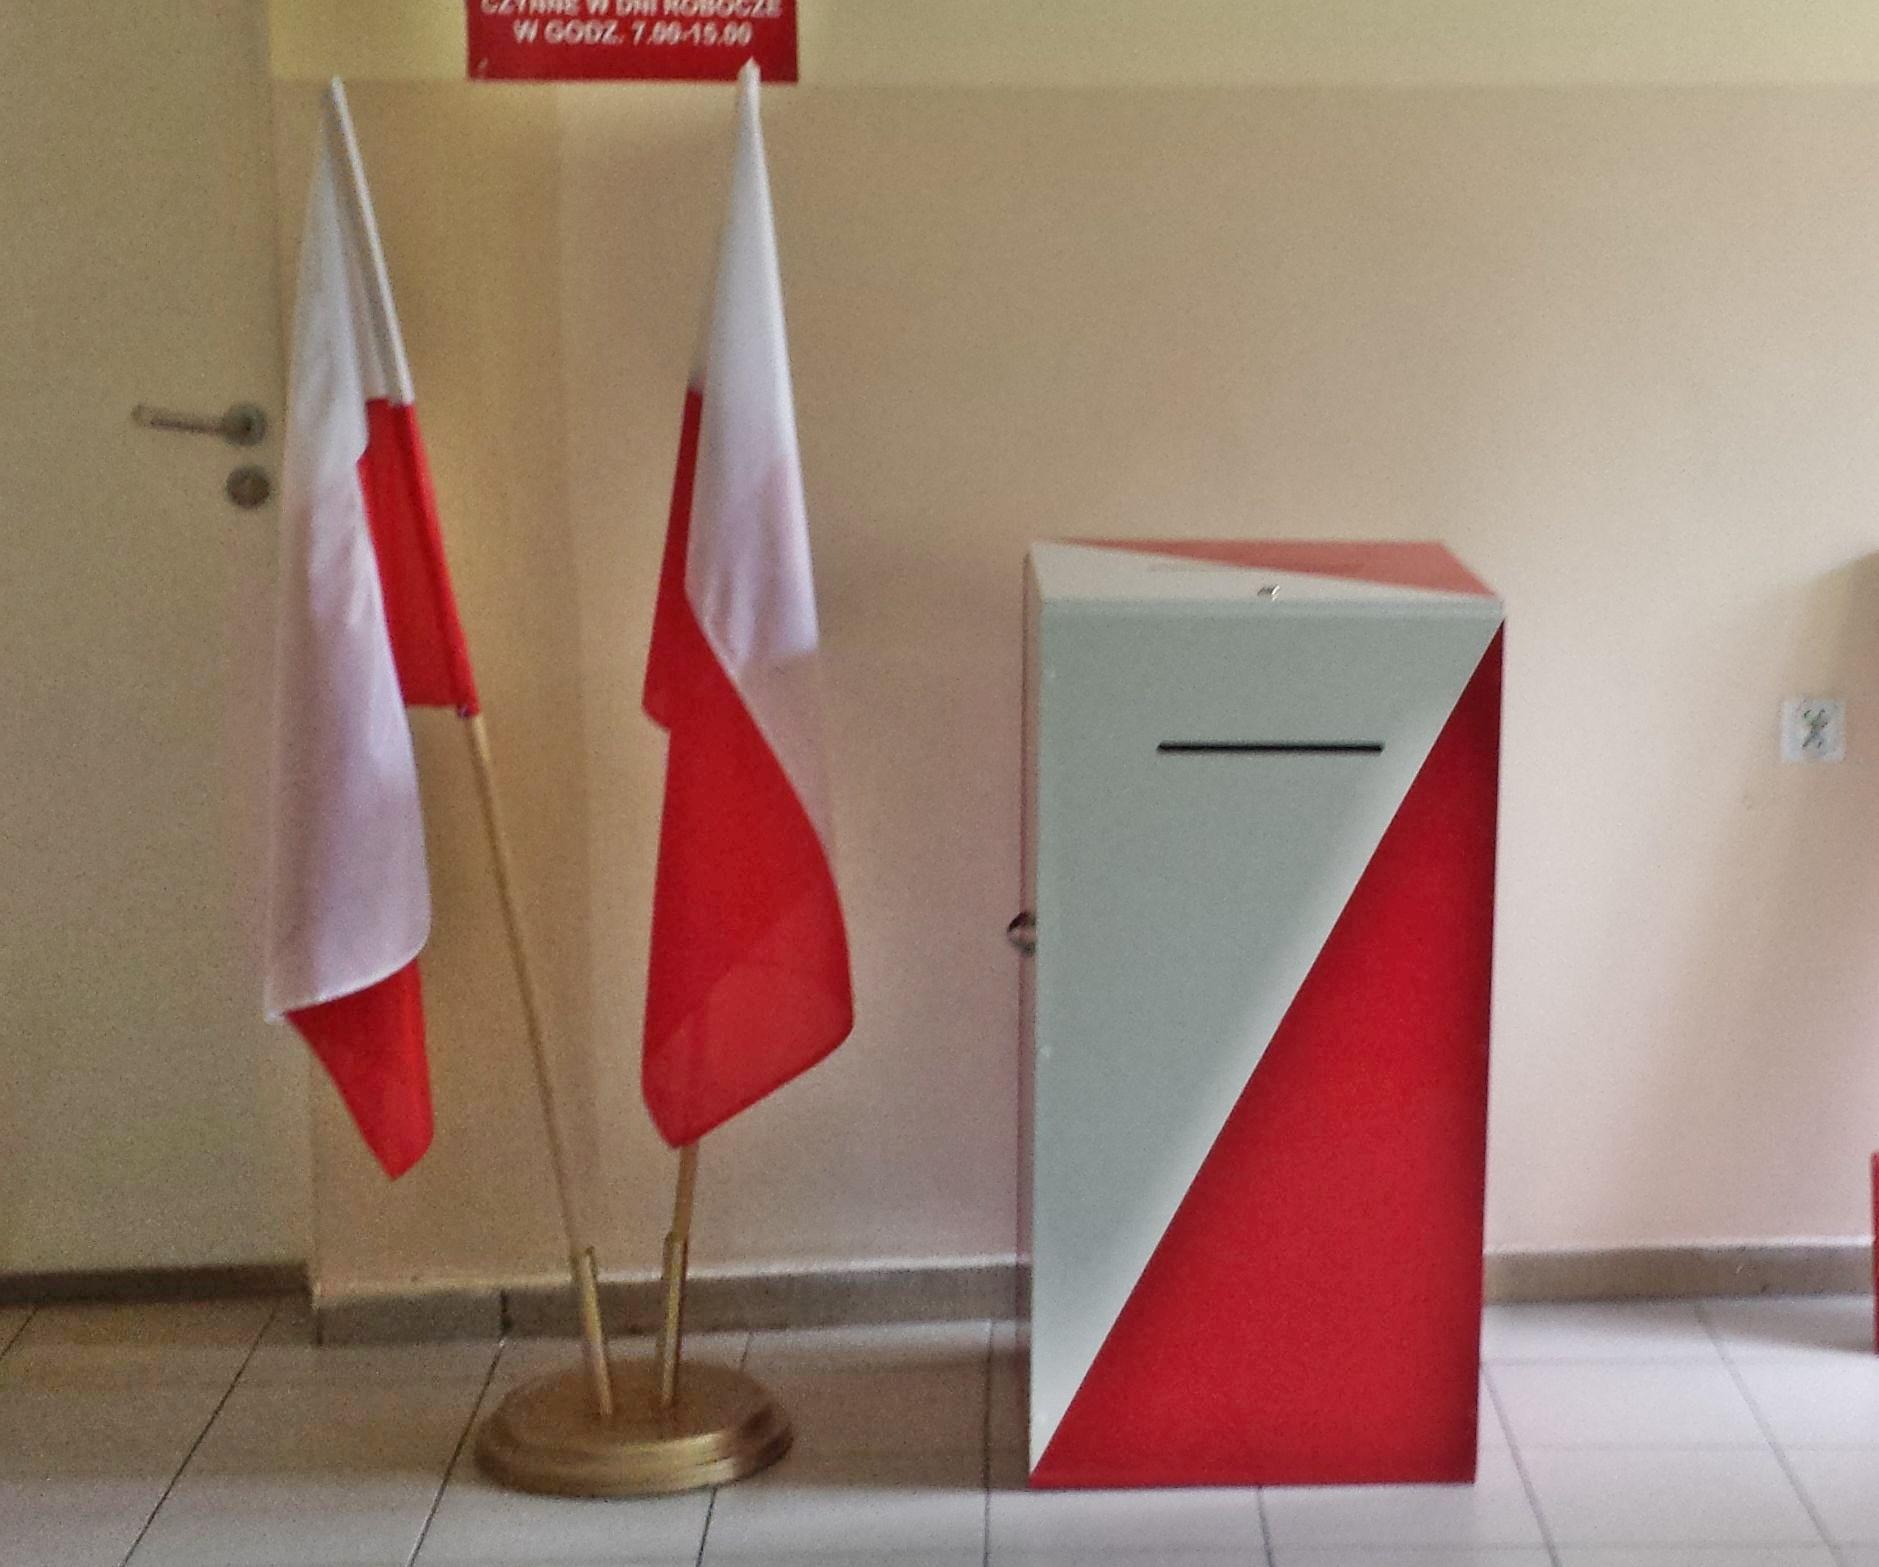 PiS i komitet burmistrza Andrychowa mają już kandydatów na radnych. Lista kandydatów